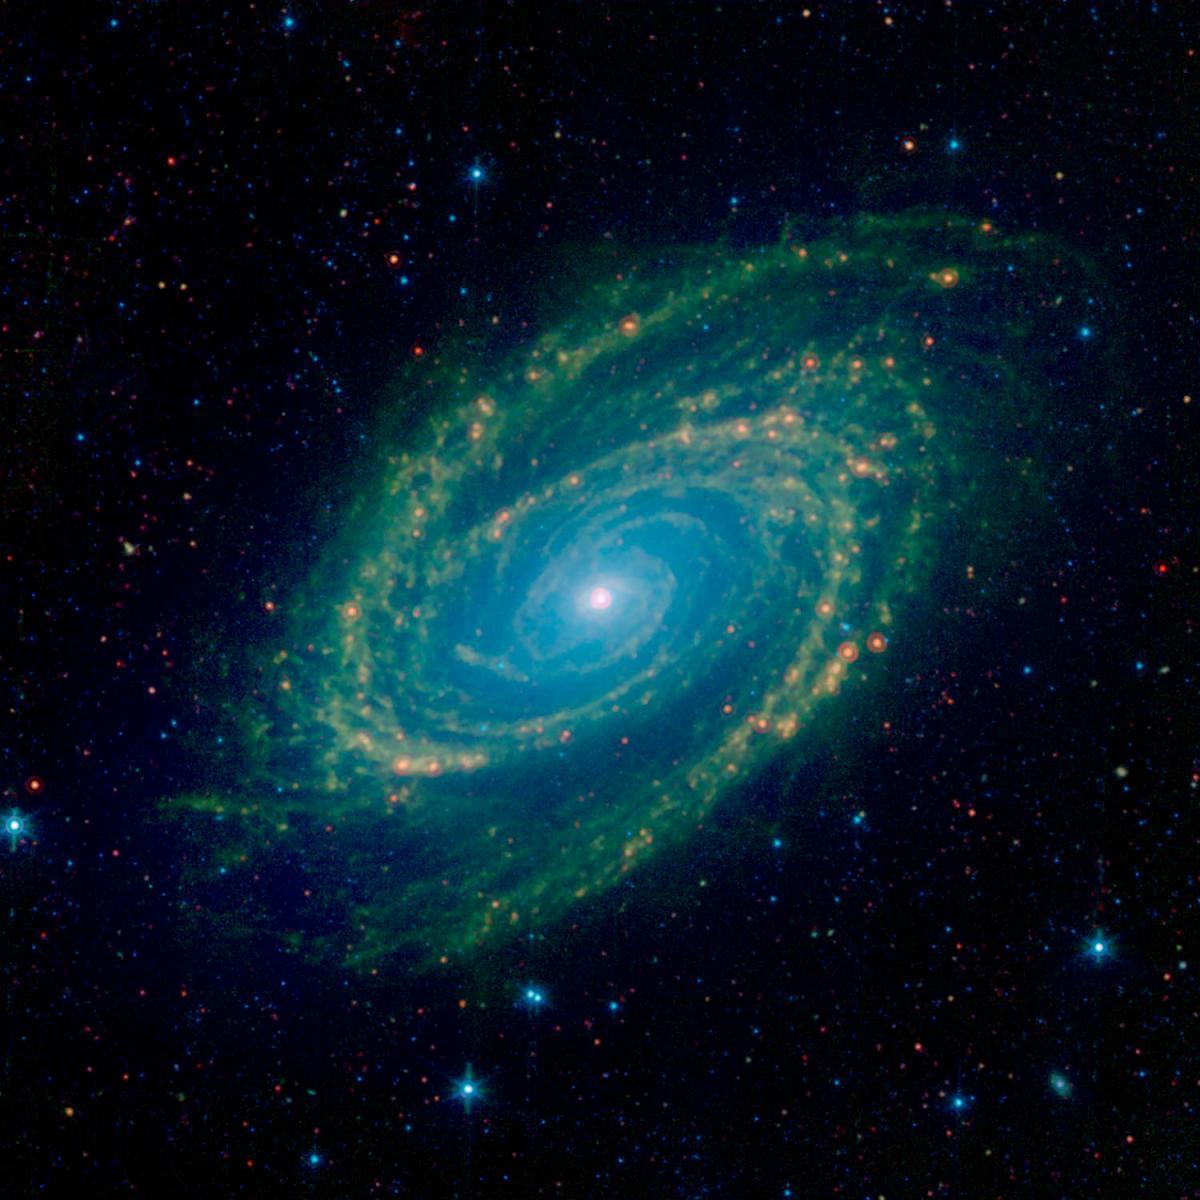 Зоряний пил підсвічується ультрафіолетомі світлом довколишніх зірок / NASA